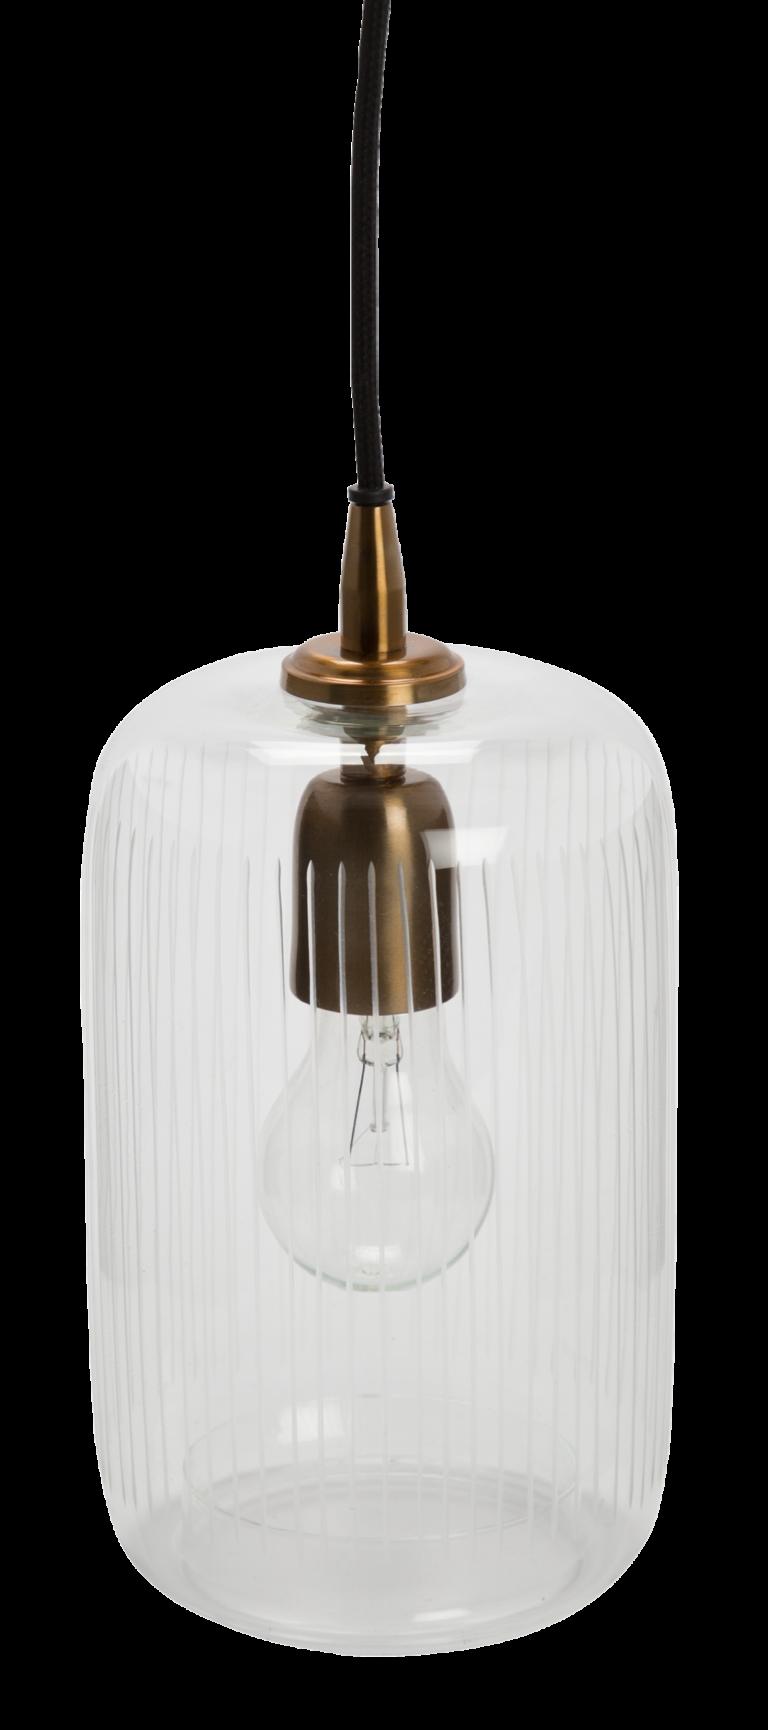 Au Maison lampe Cocoon/Stripe - Aisen møbler